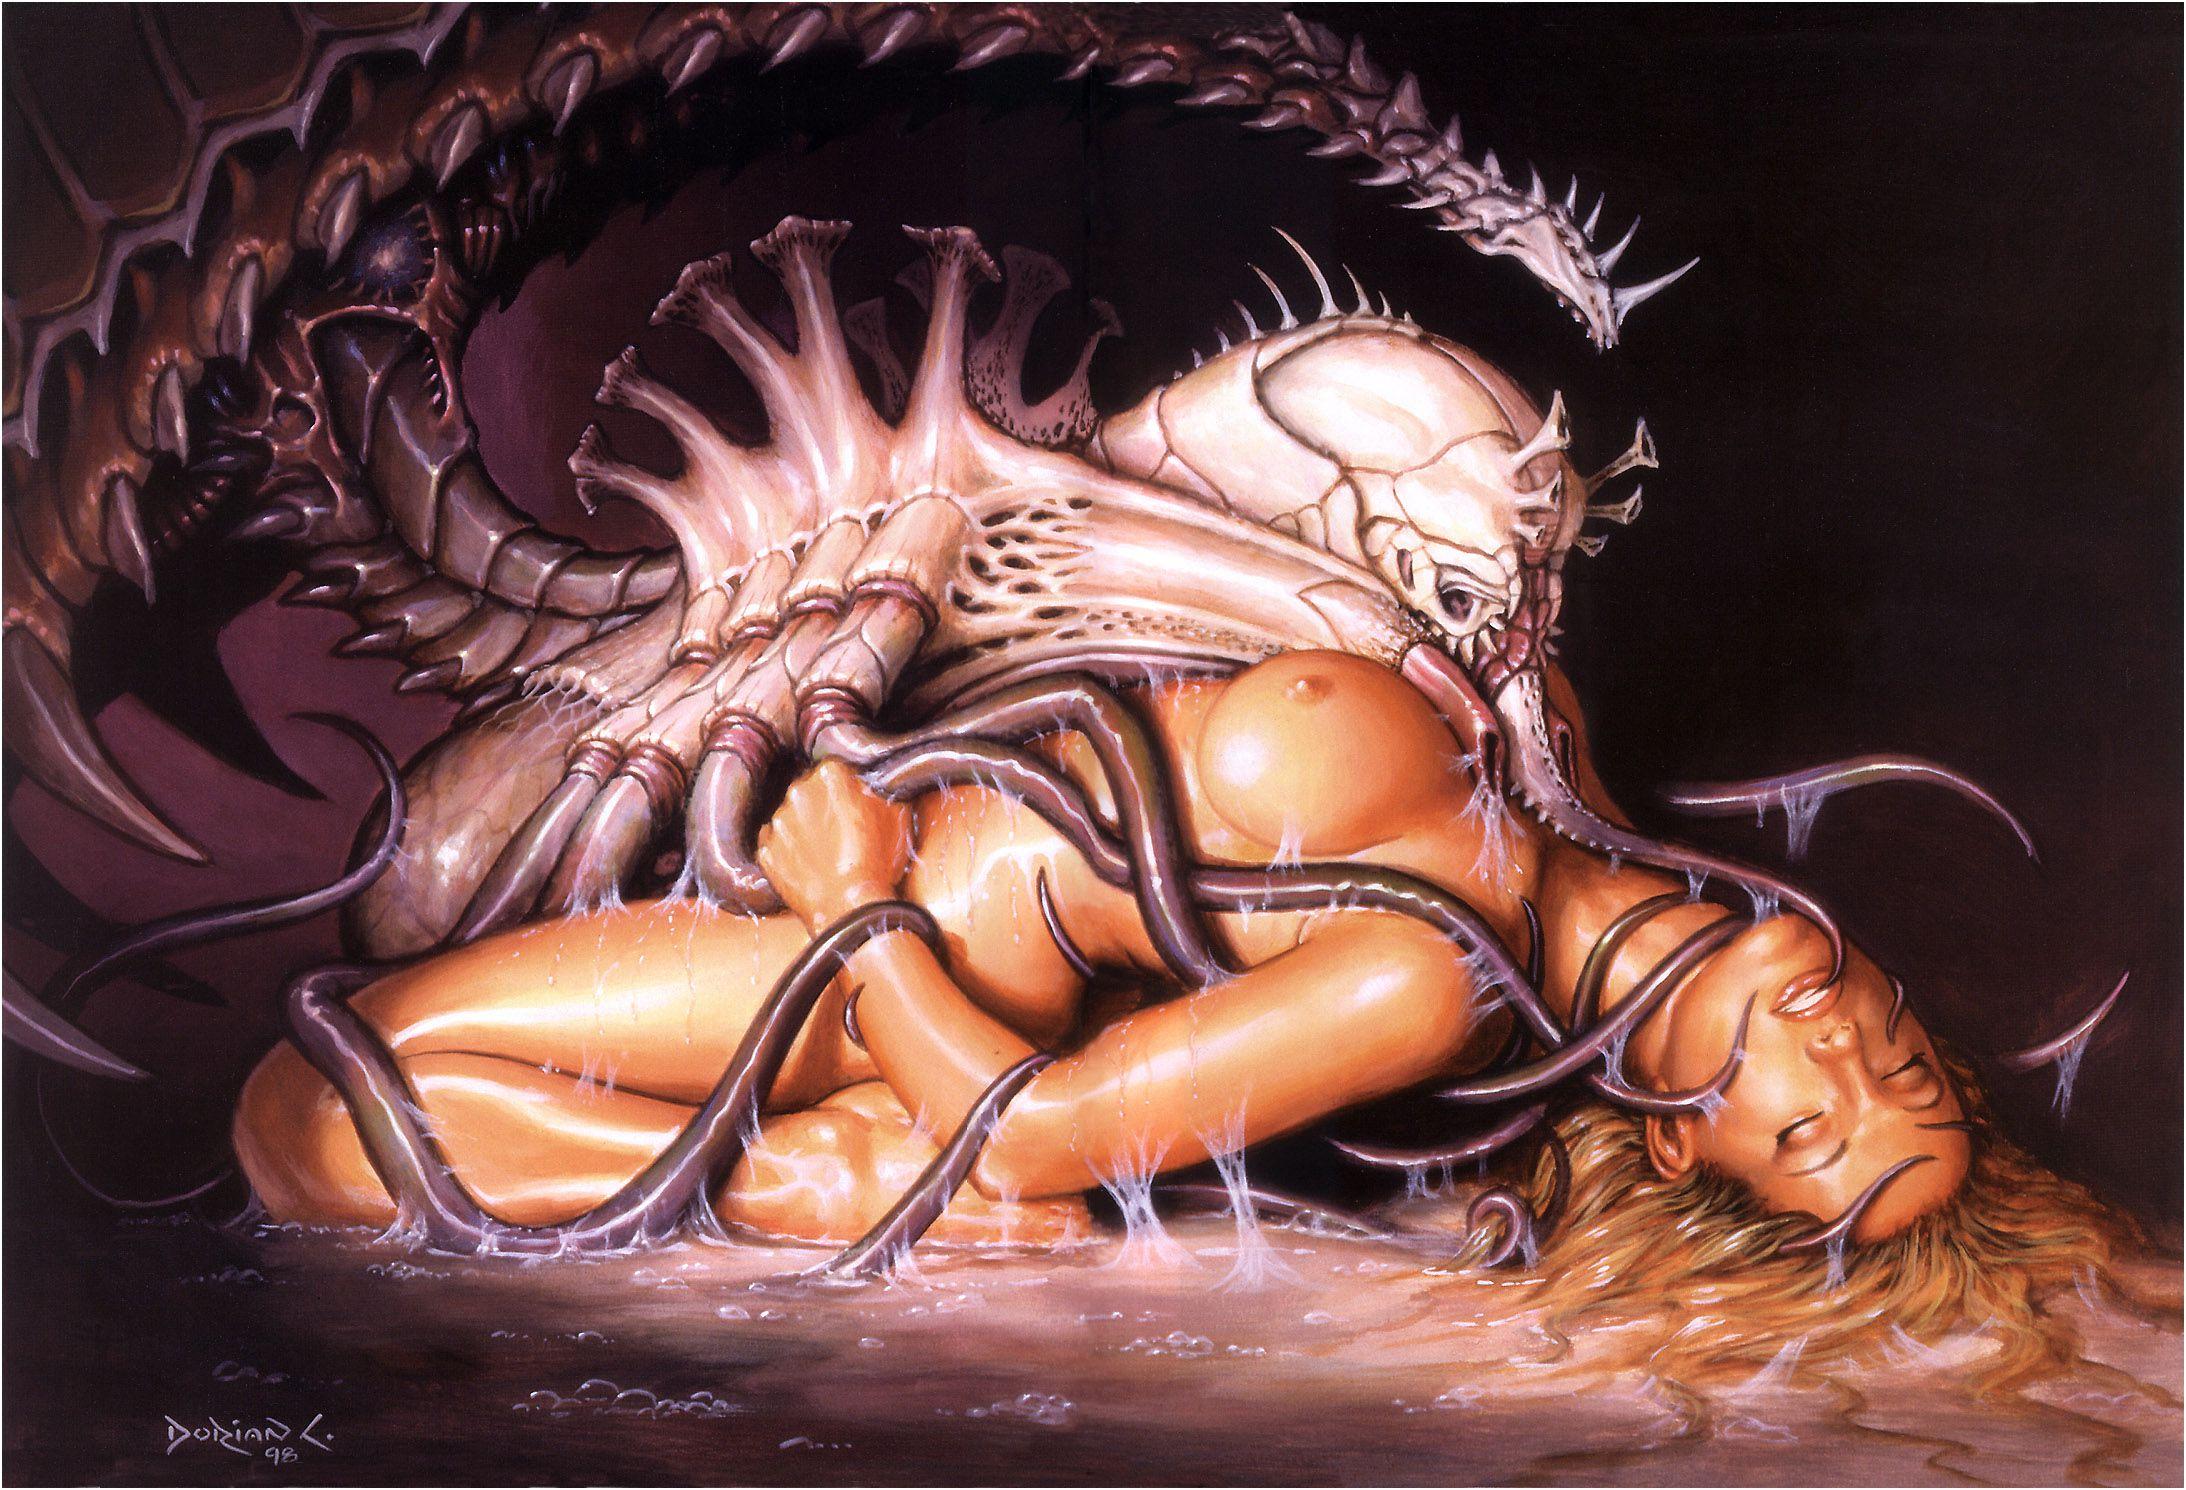 Секс демона и ангела картинки, Голые ангелы и демоны » Смотреть порно картинки 24 фотография